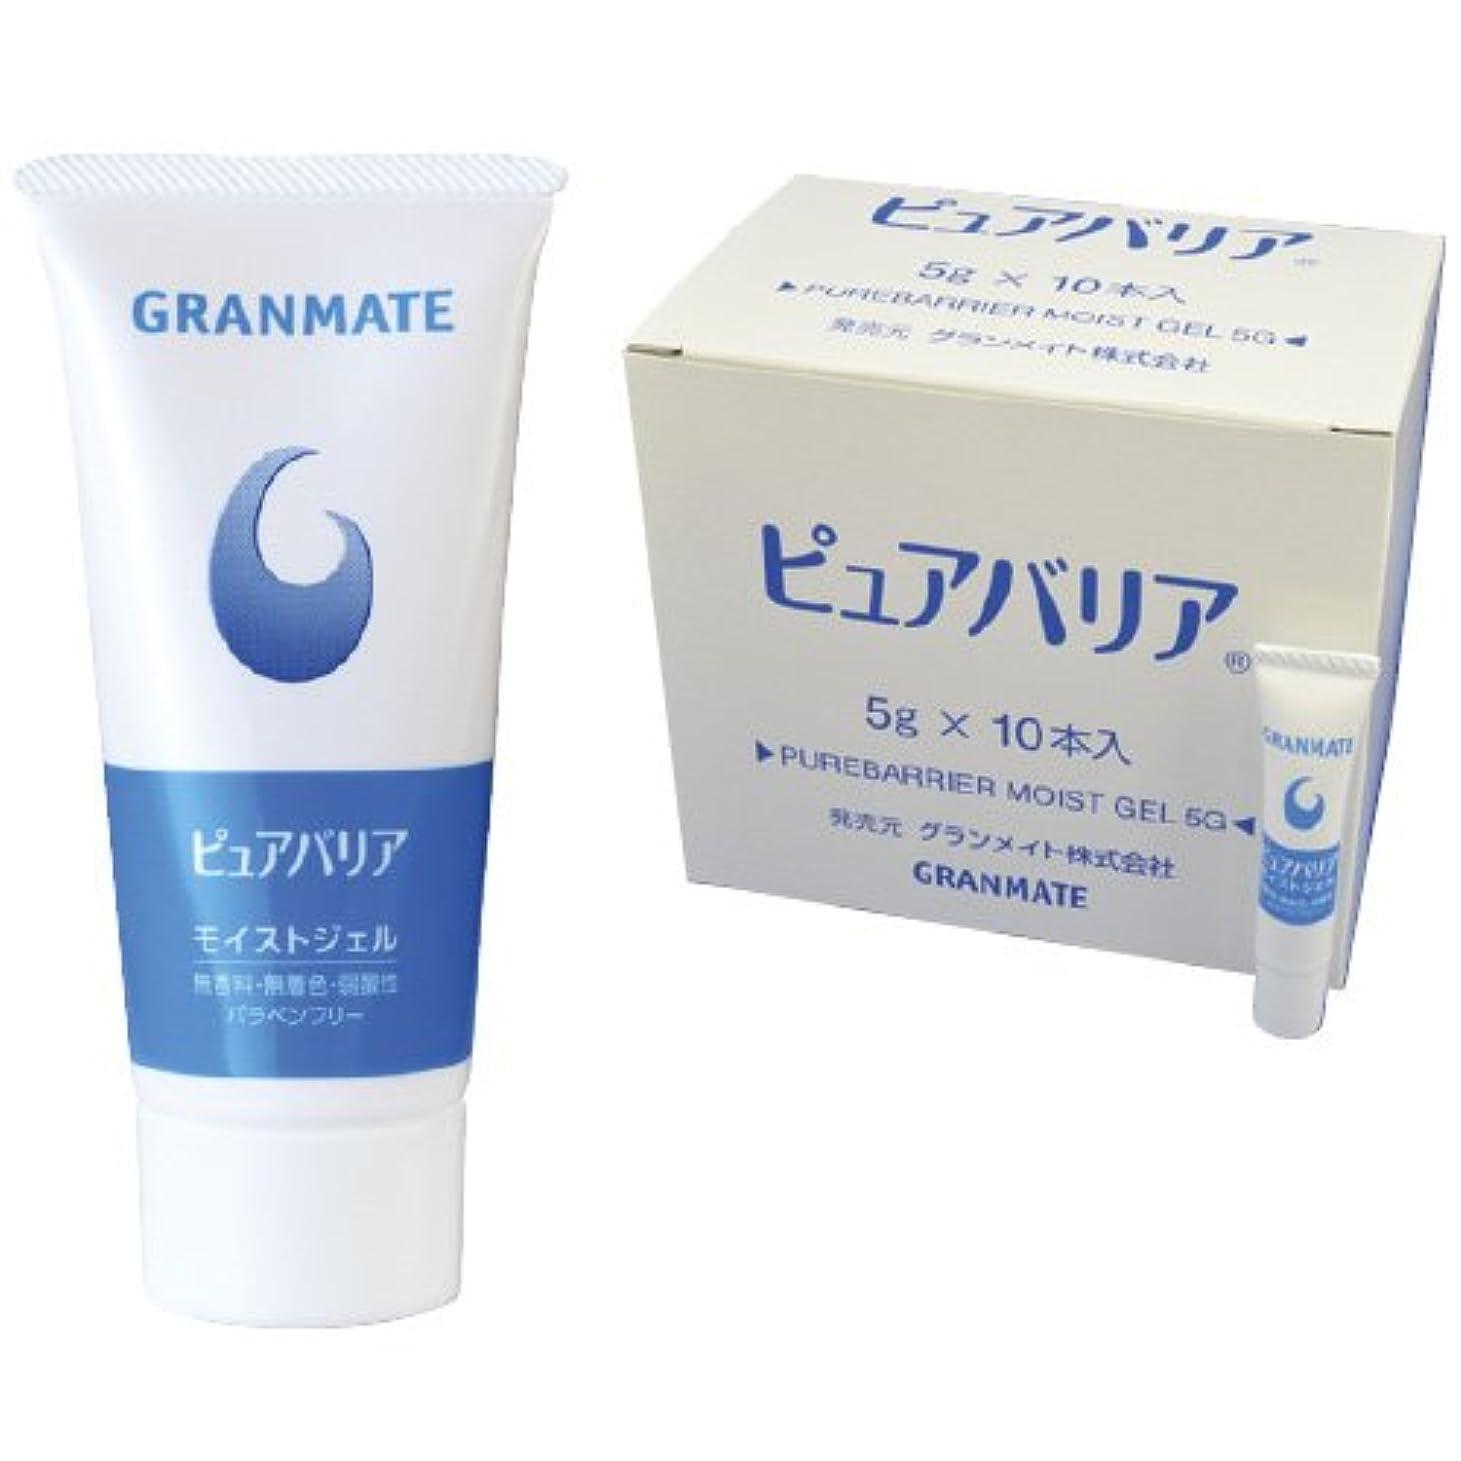 呼吸不変信念ピュアバリア(スキンケア肌保護ジェル 5GX10ホンイリ 皮膚保護用品 スキンケアローション